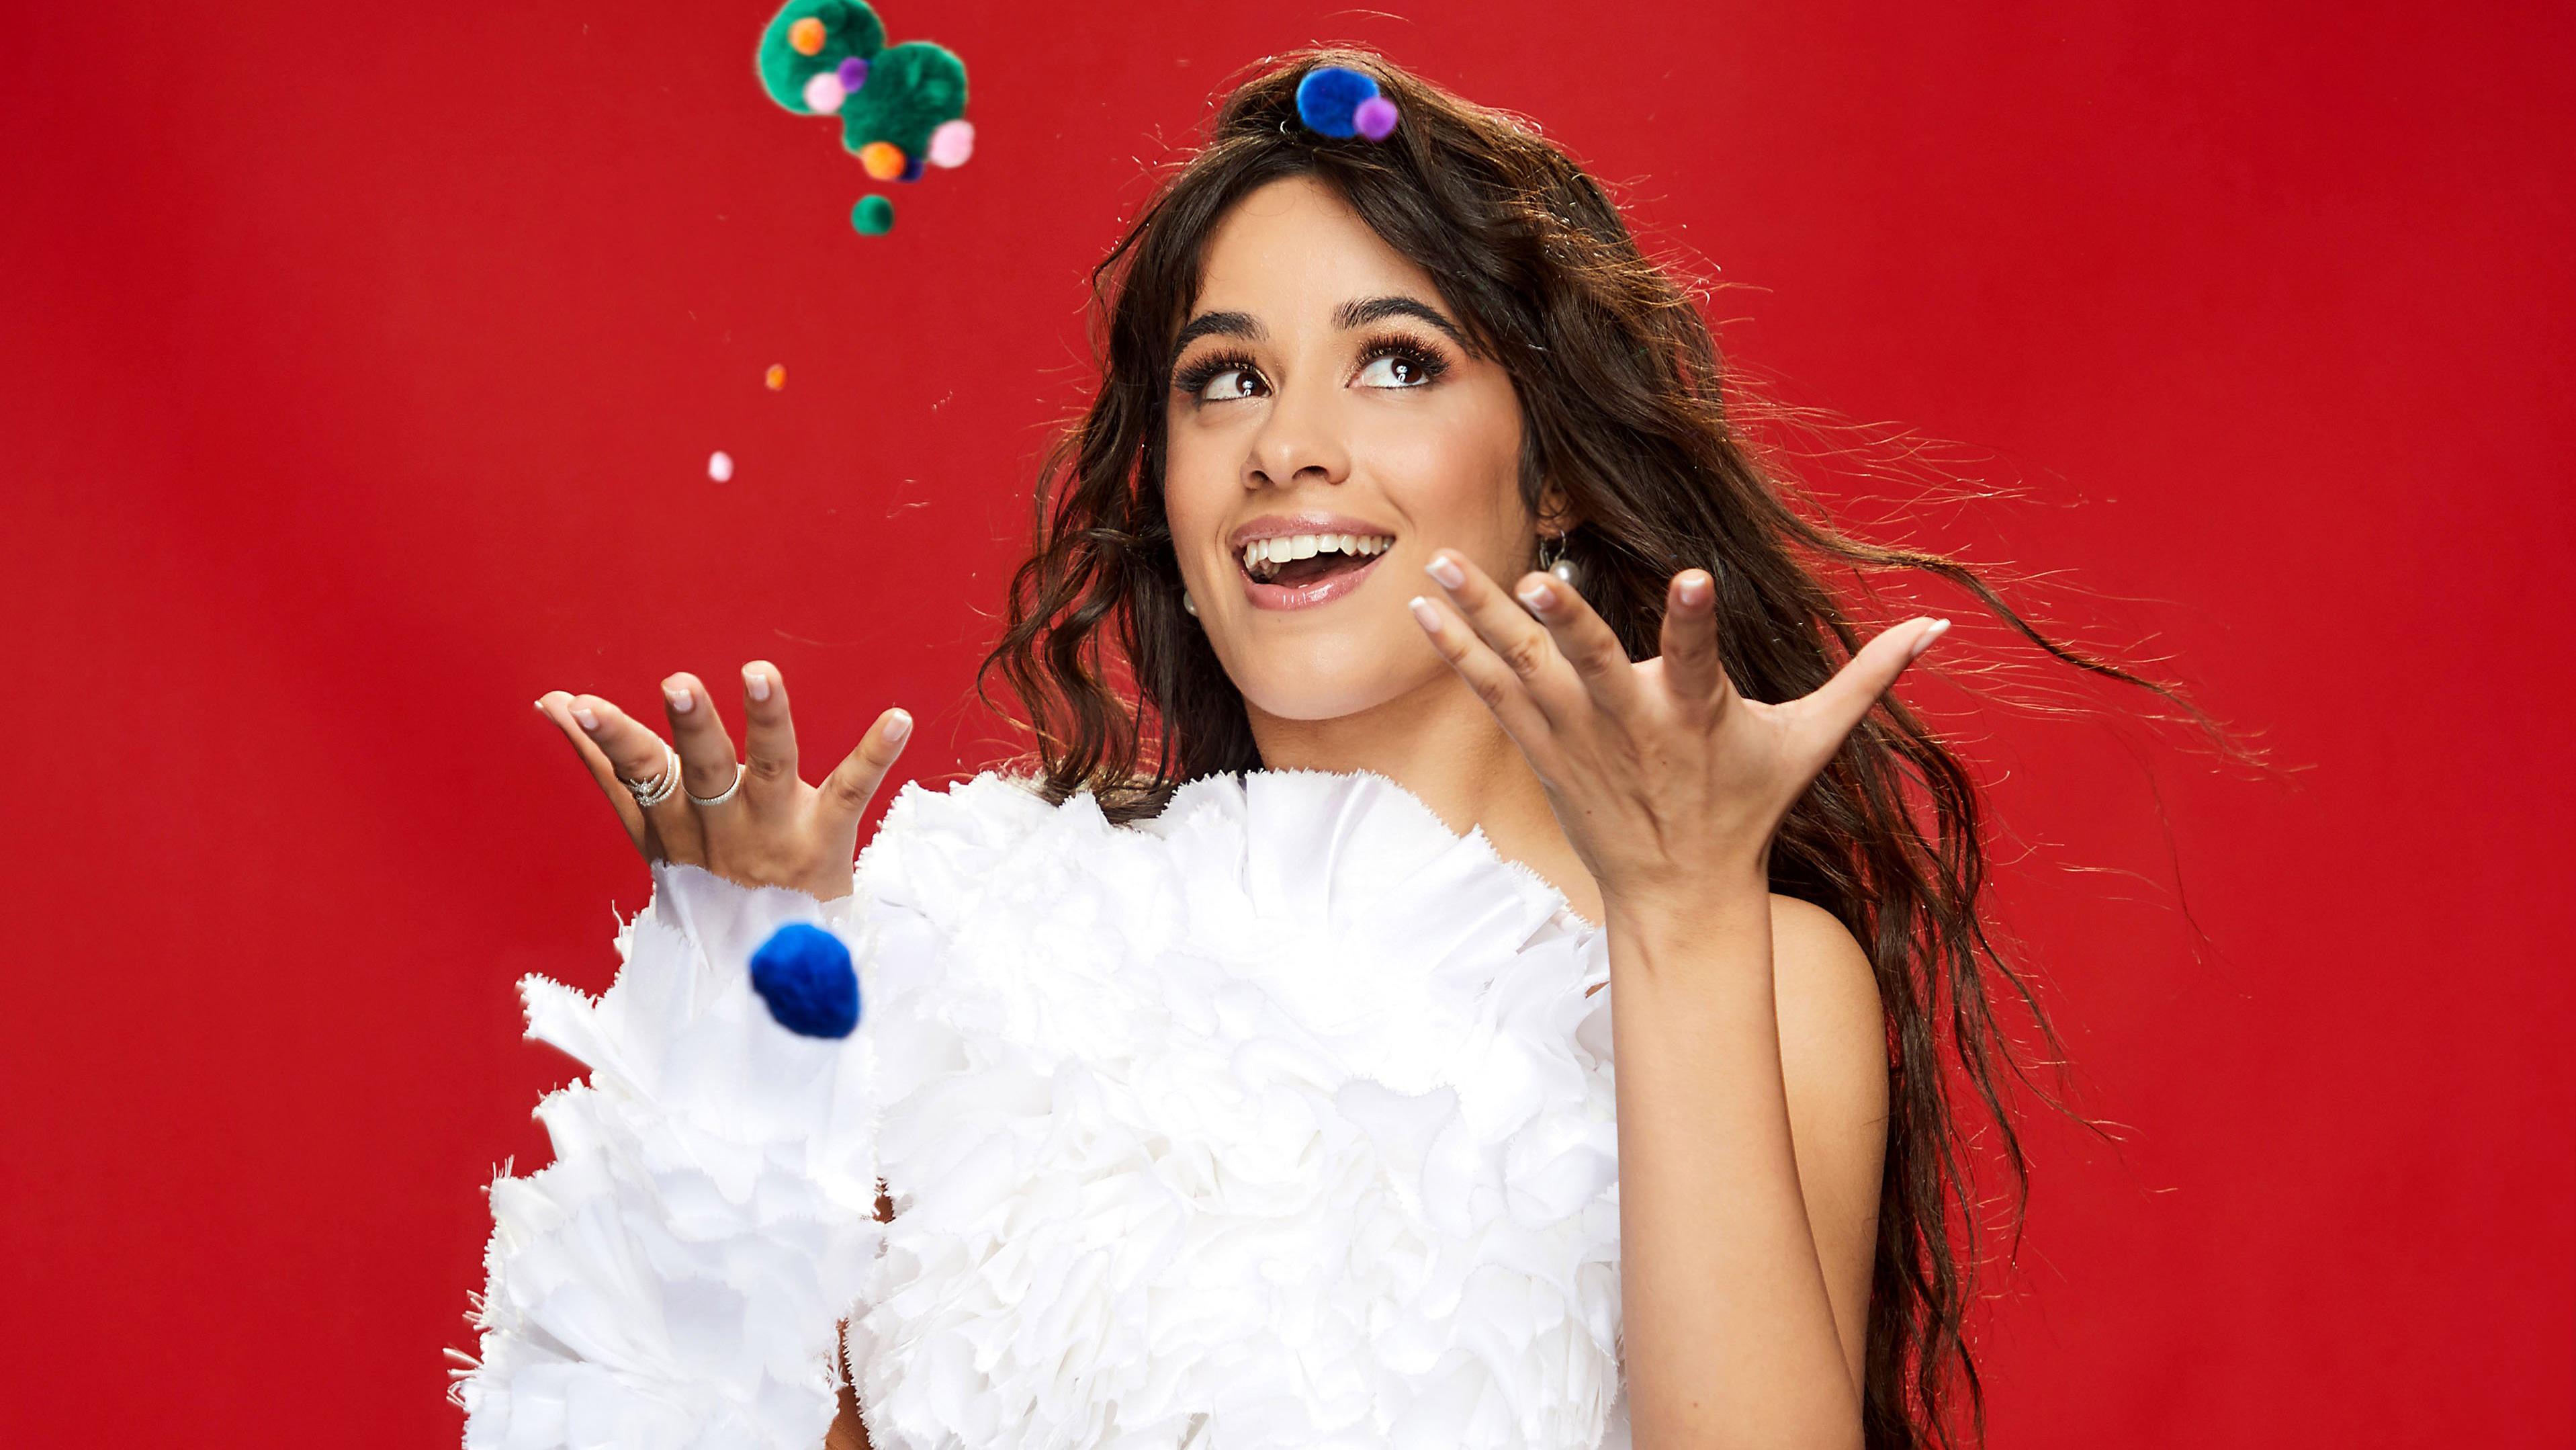 Wallpaper Camila Cabello for iHeart Radio